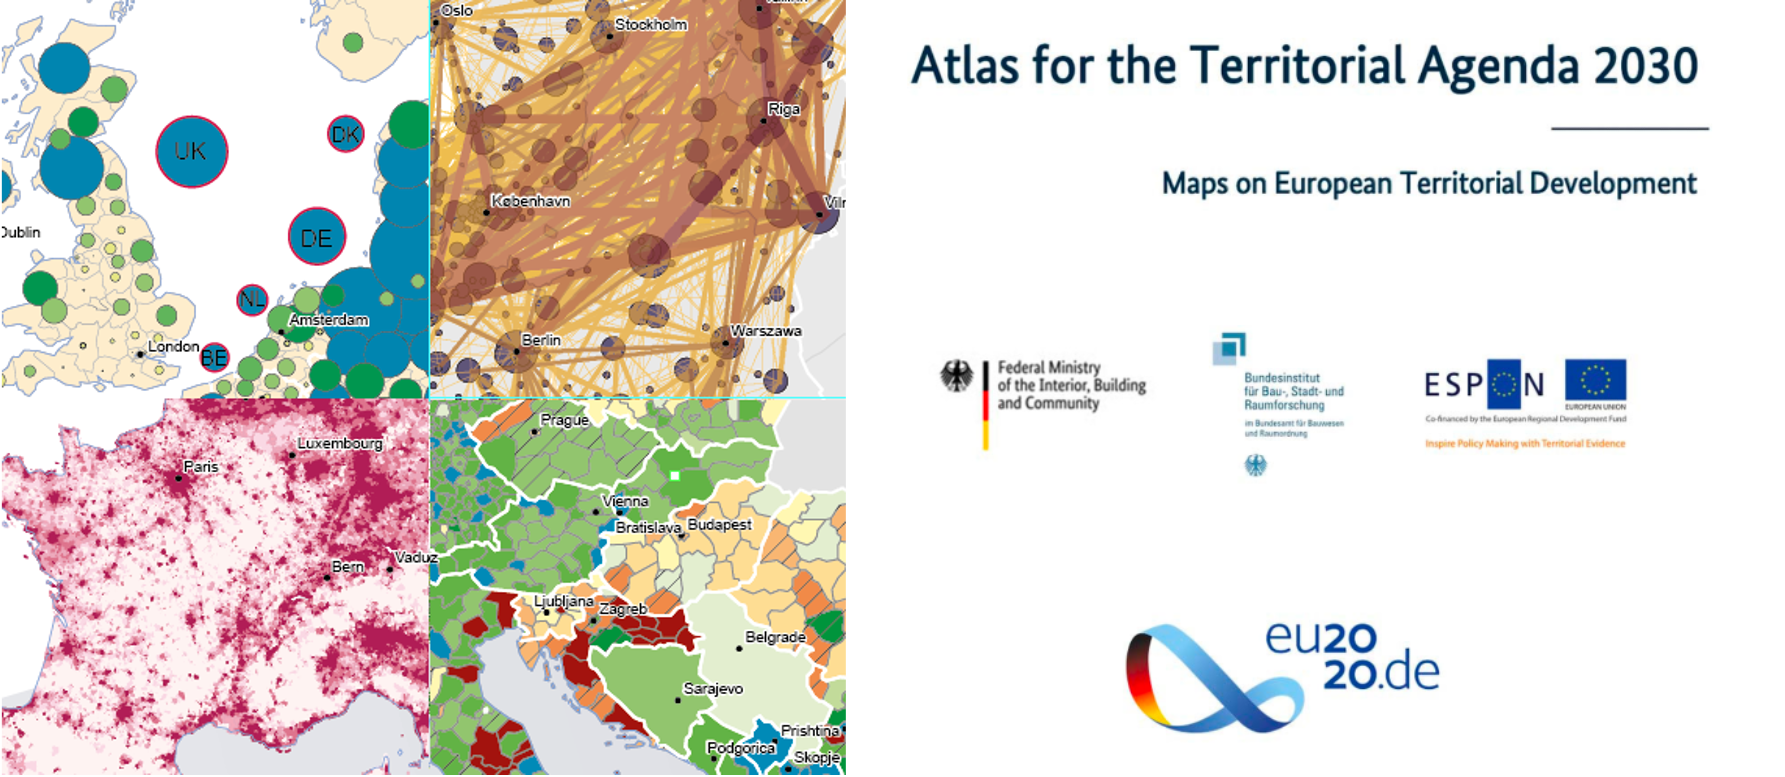 Atlas for the Territorial Agenda 2030